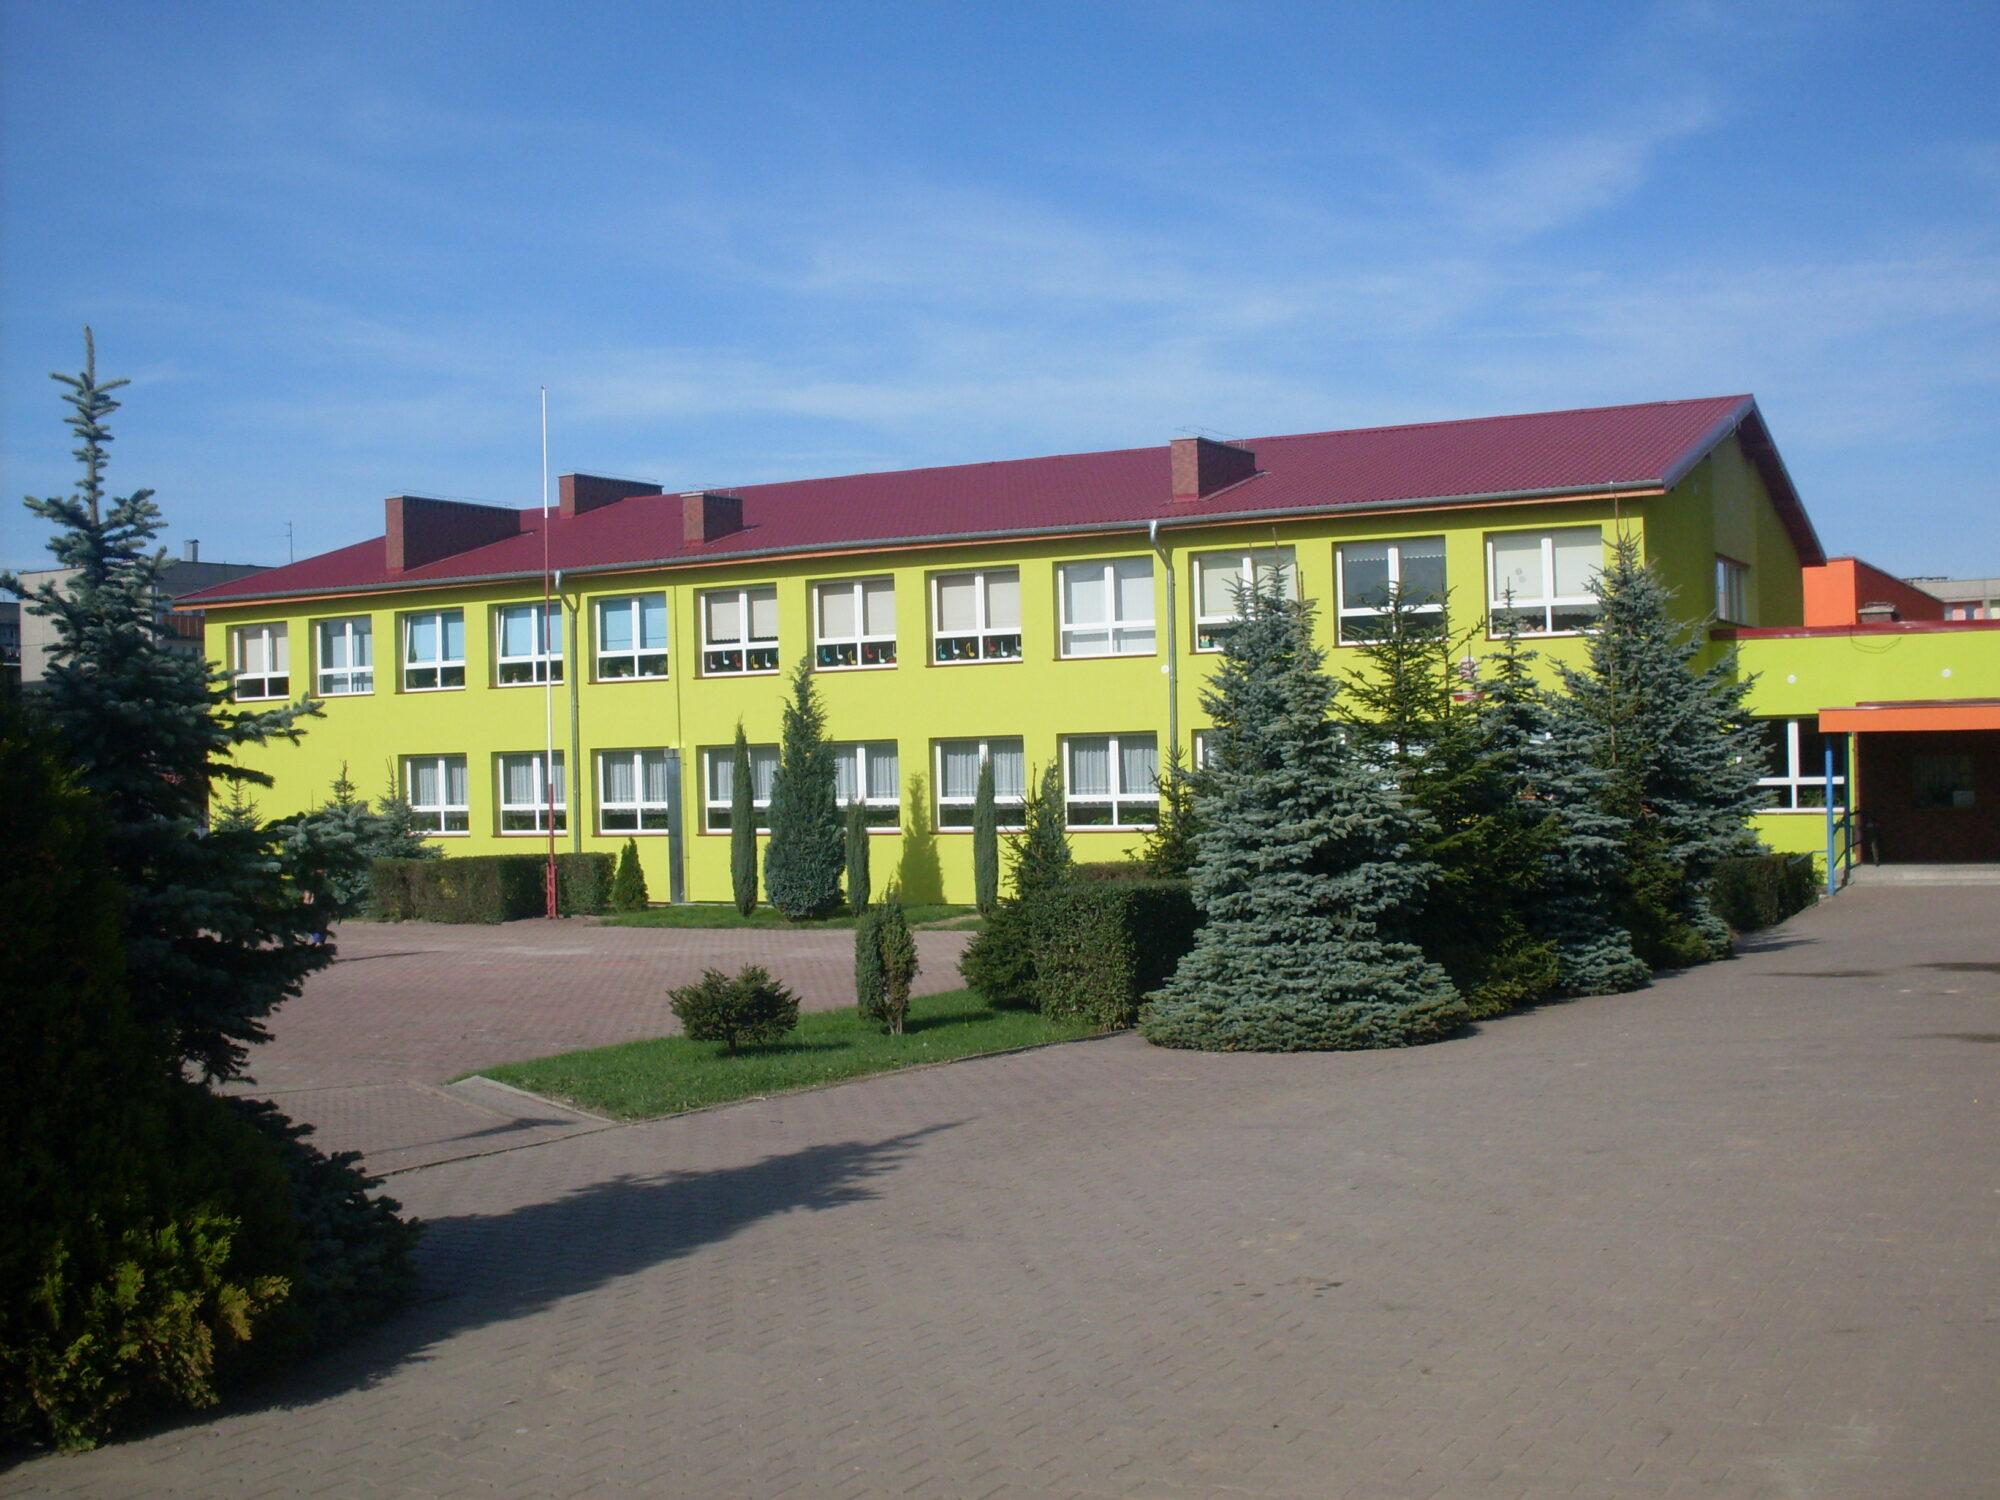 (Polski) Termomodernizacja budynków Szkoły podstawowej nr 1przy ulicy Chopina w Żarach